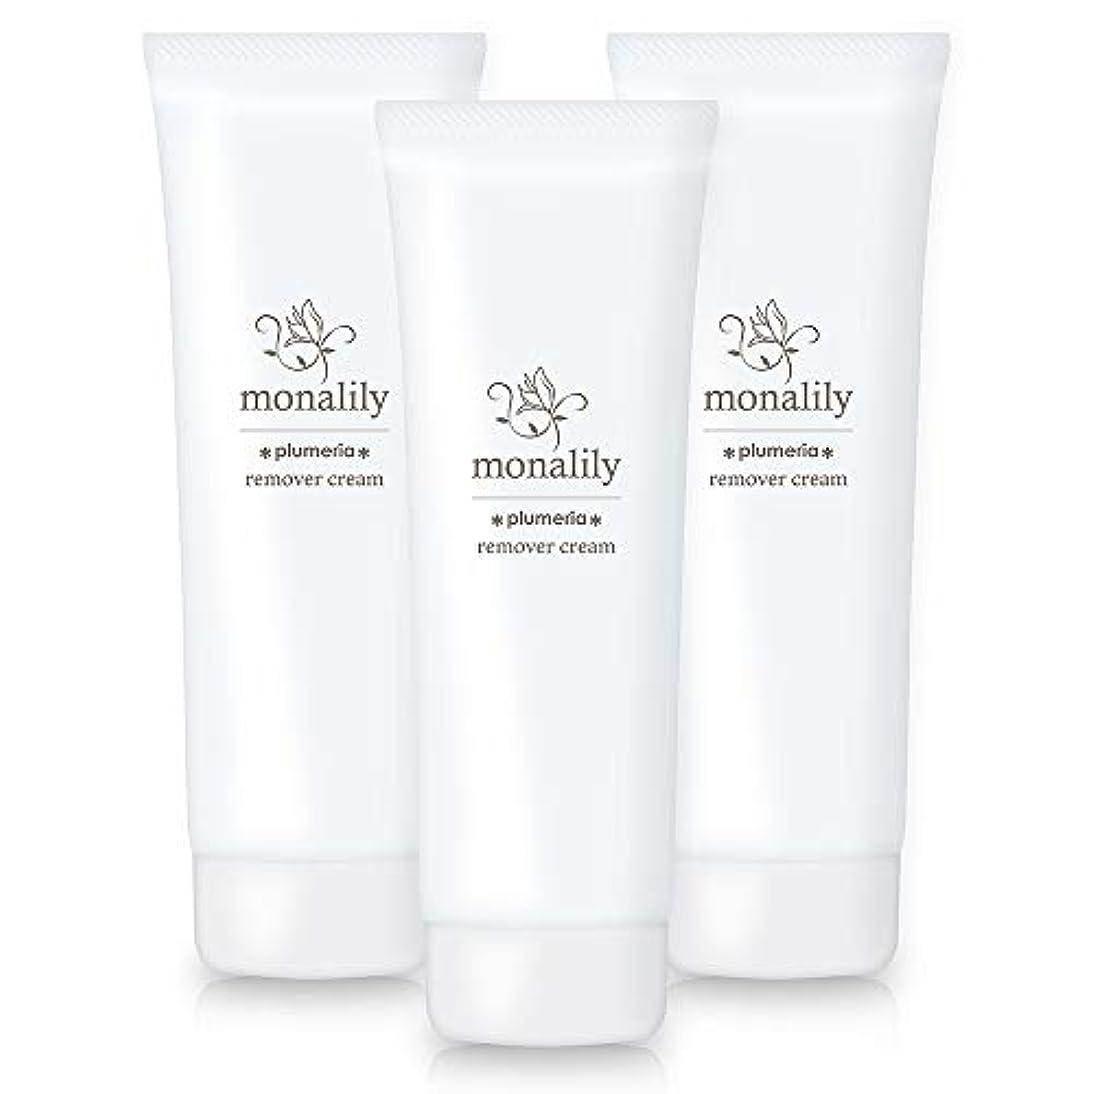 不実したいアイデアmonalily 除毛クリーム 女性用 180g 3個セット (デリケートゾーン/VIO/ボディ用) 医薬部外品